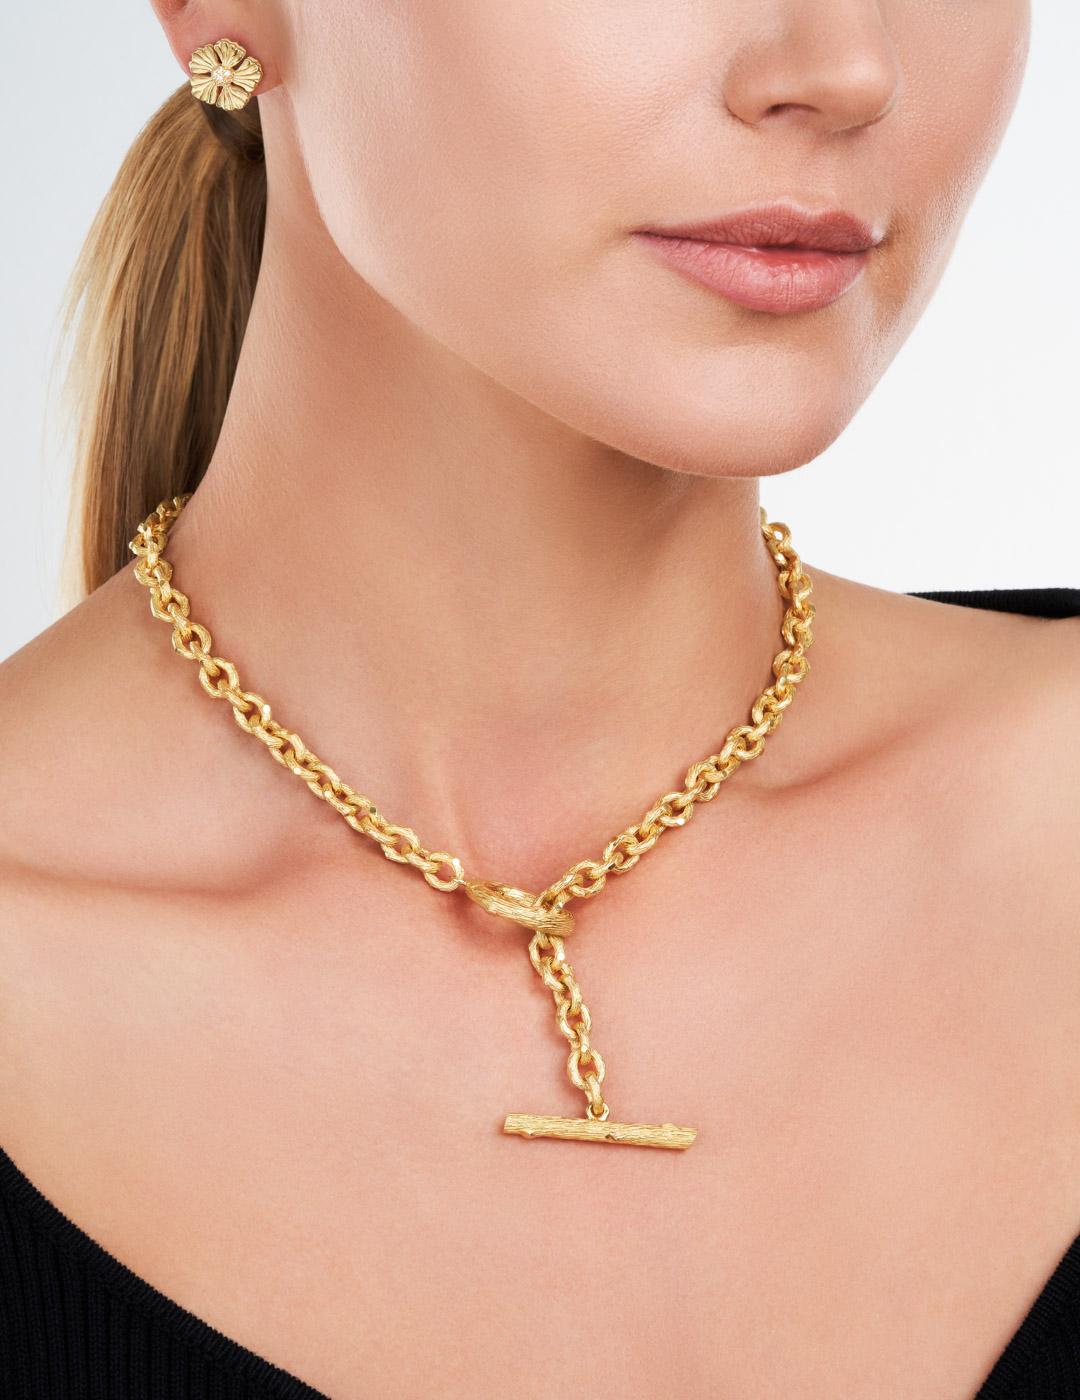 mish_necklaces_Twig-Link-NK-3